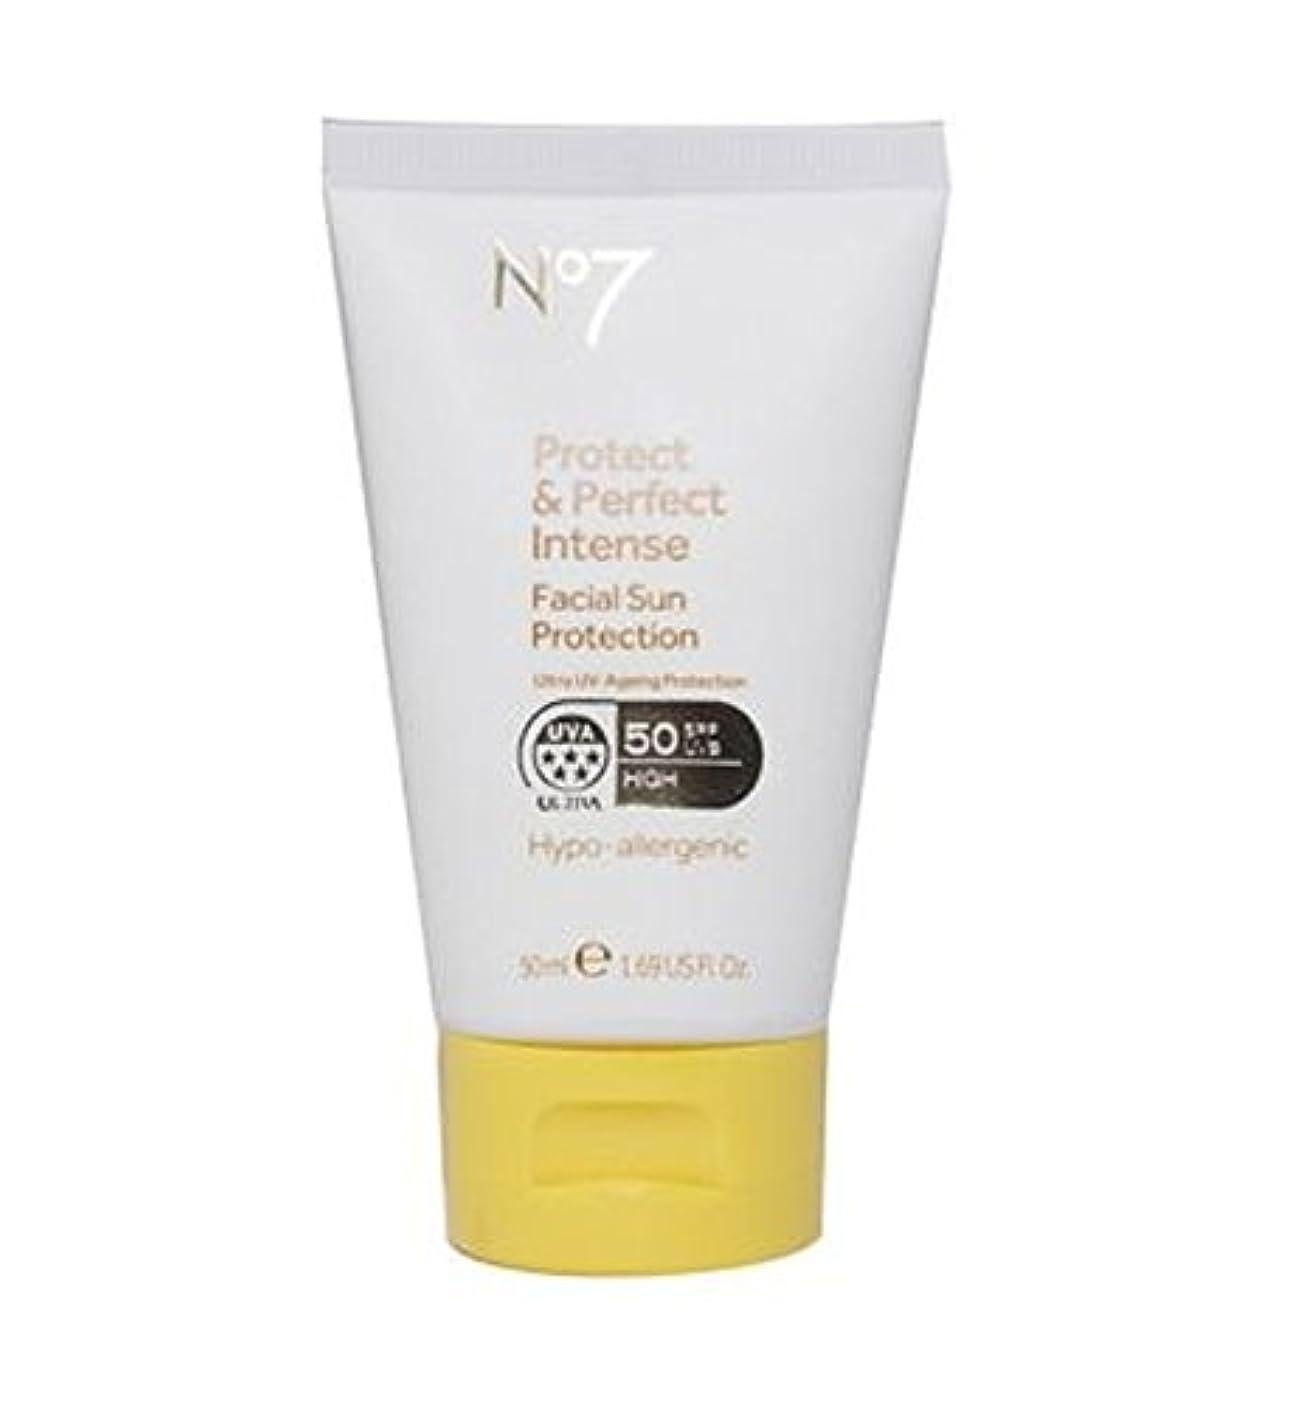 アイスクリーム来て未就学No7保護&完璧な強烈な顔の日焼け防止Spf 50 50ミリリットル (No7) (x2) - No7 Protect & Perfect Intense Facial Sun Protection SPF 50 50ml...